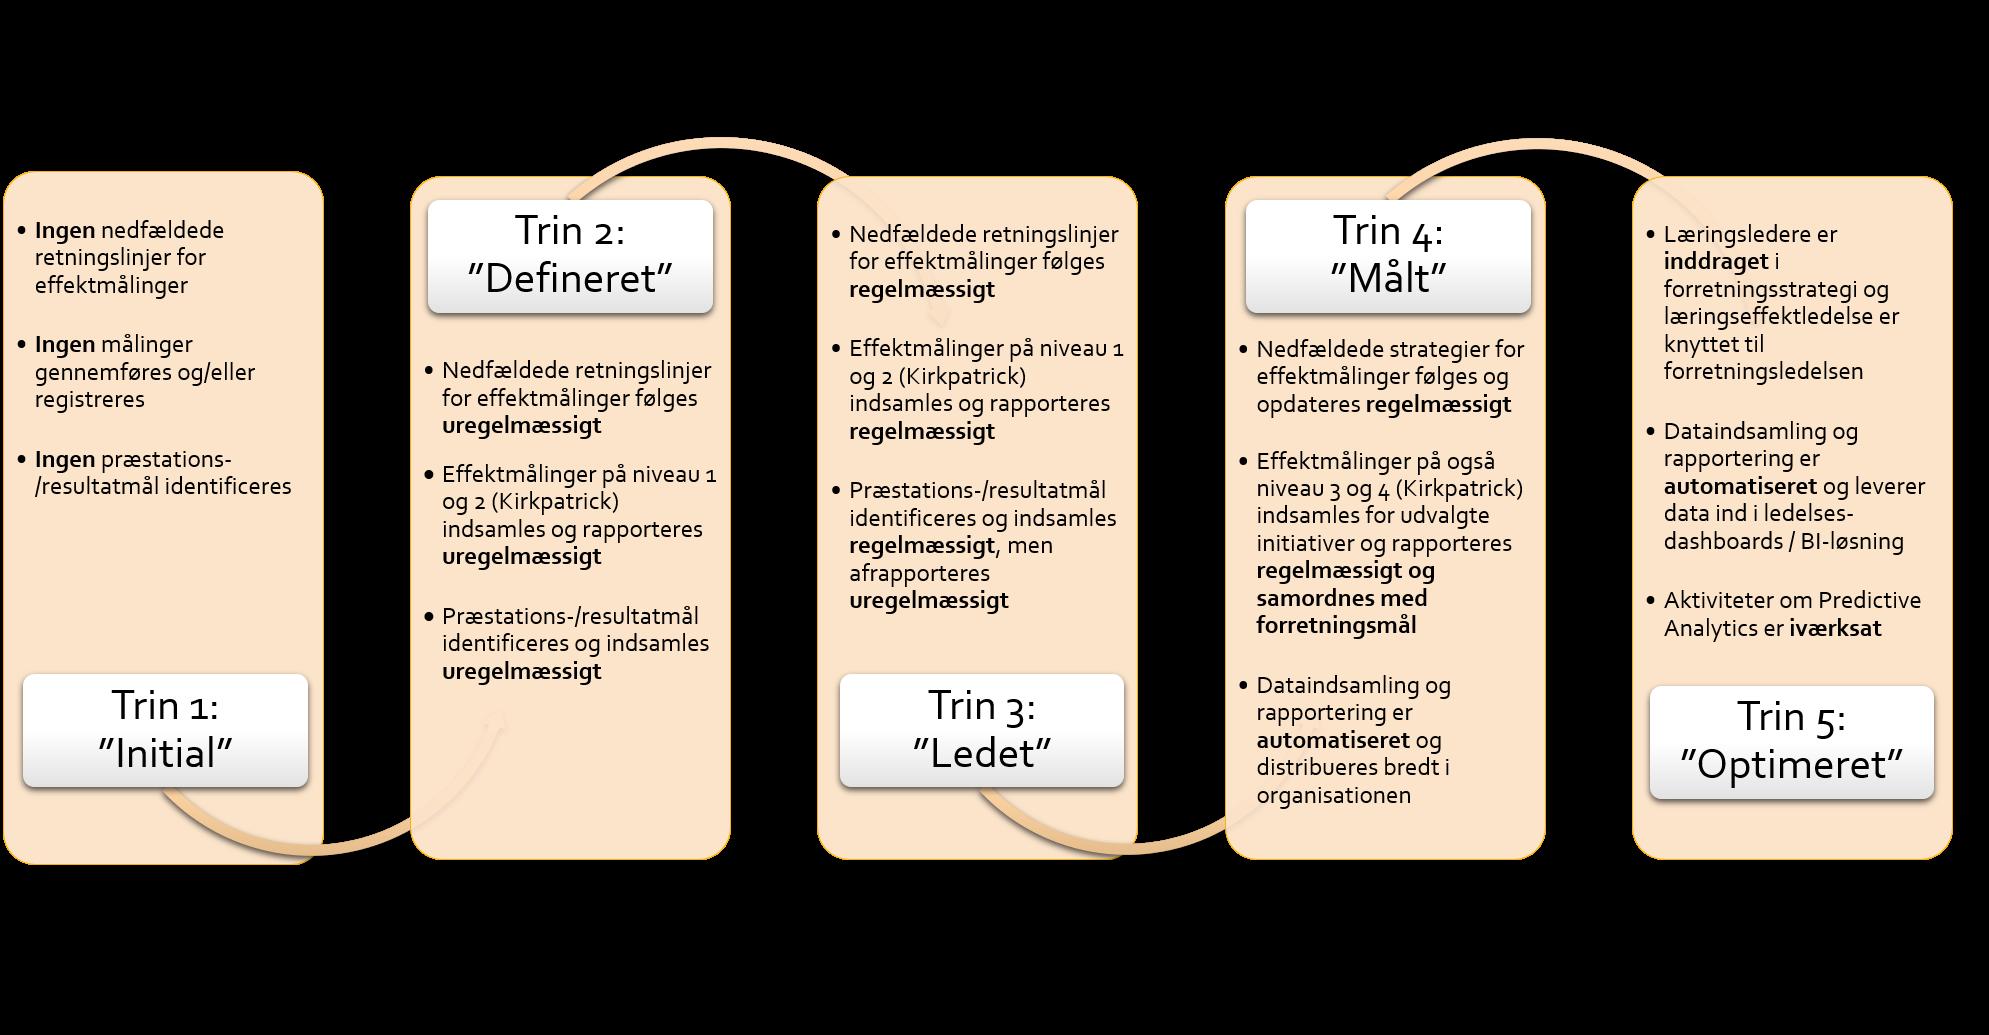 Modenhedsmodel for læringseffektledelse